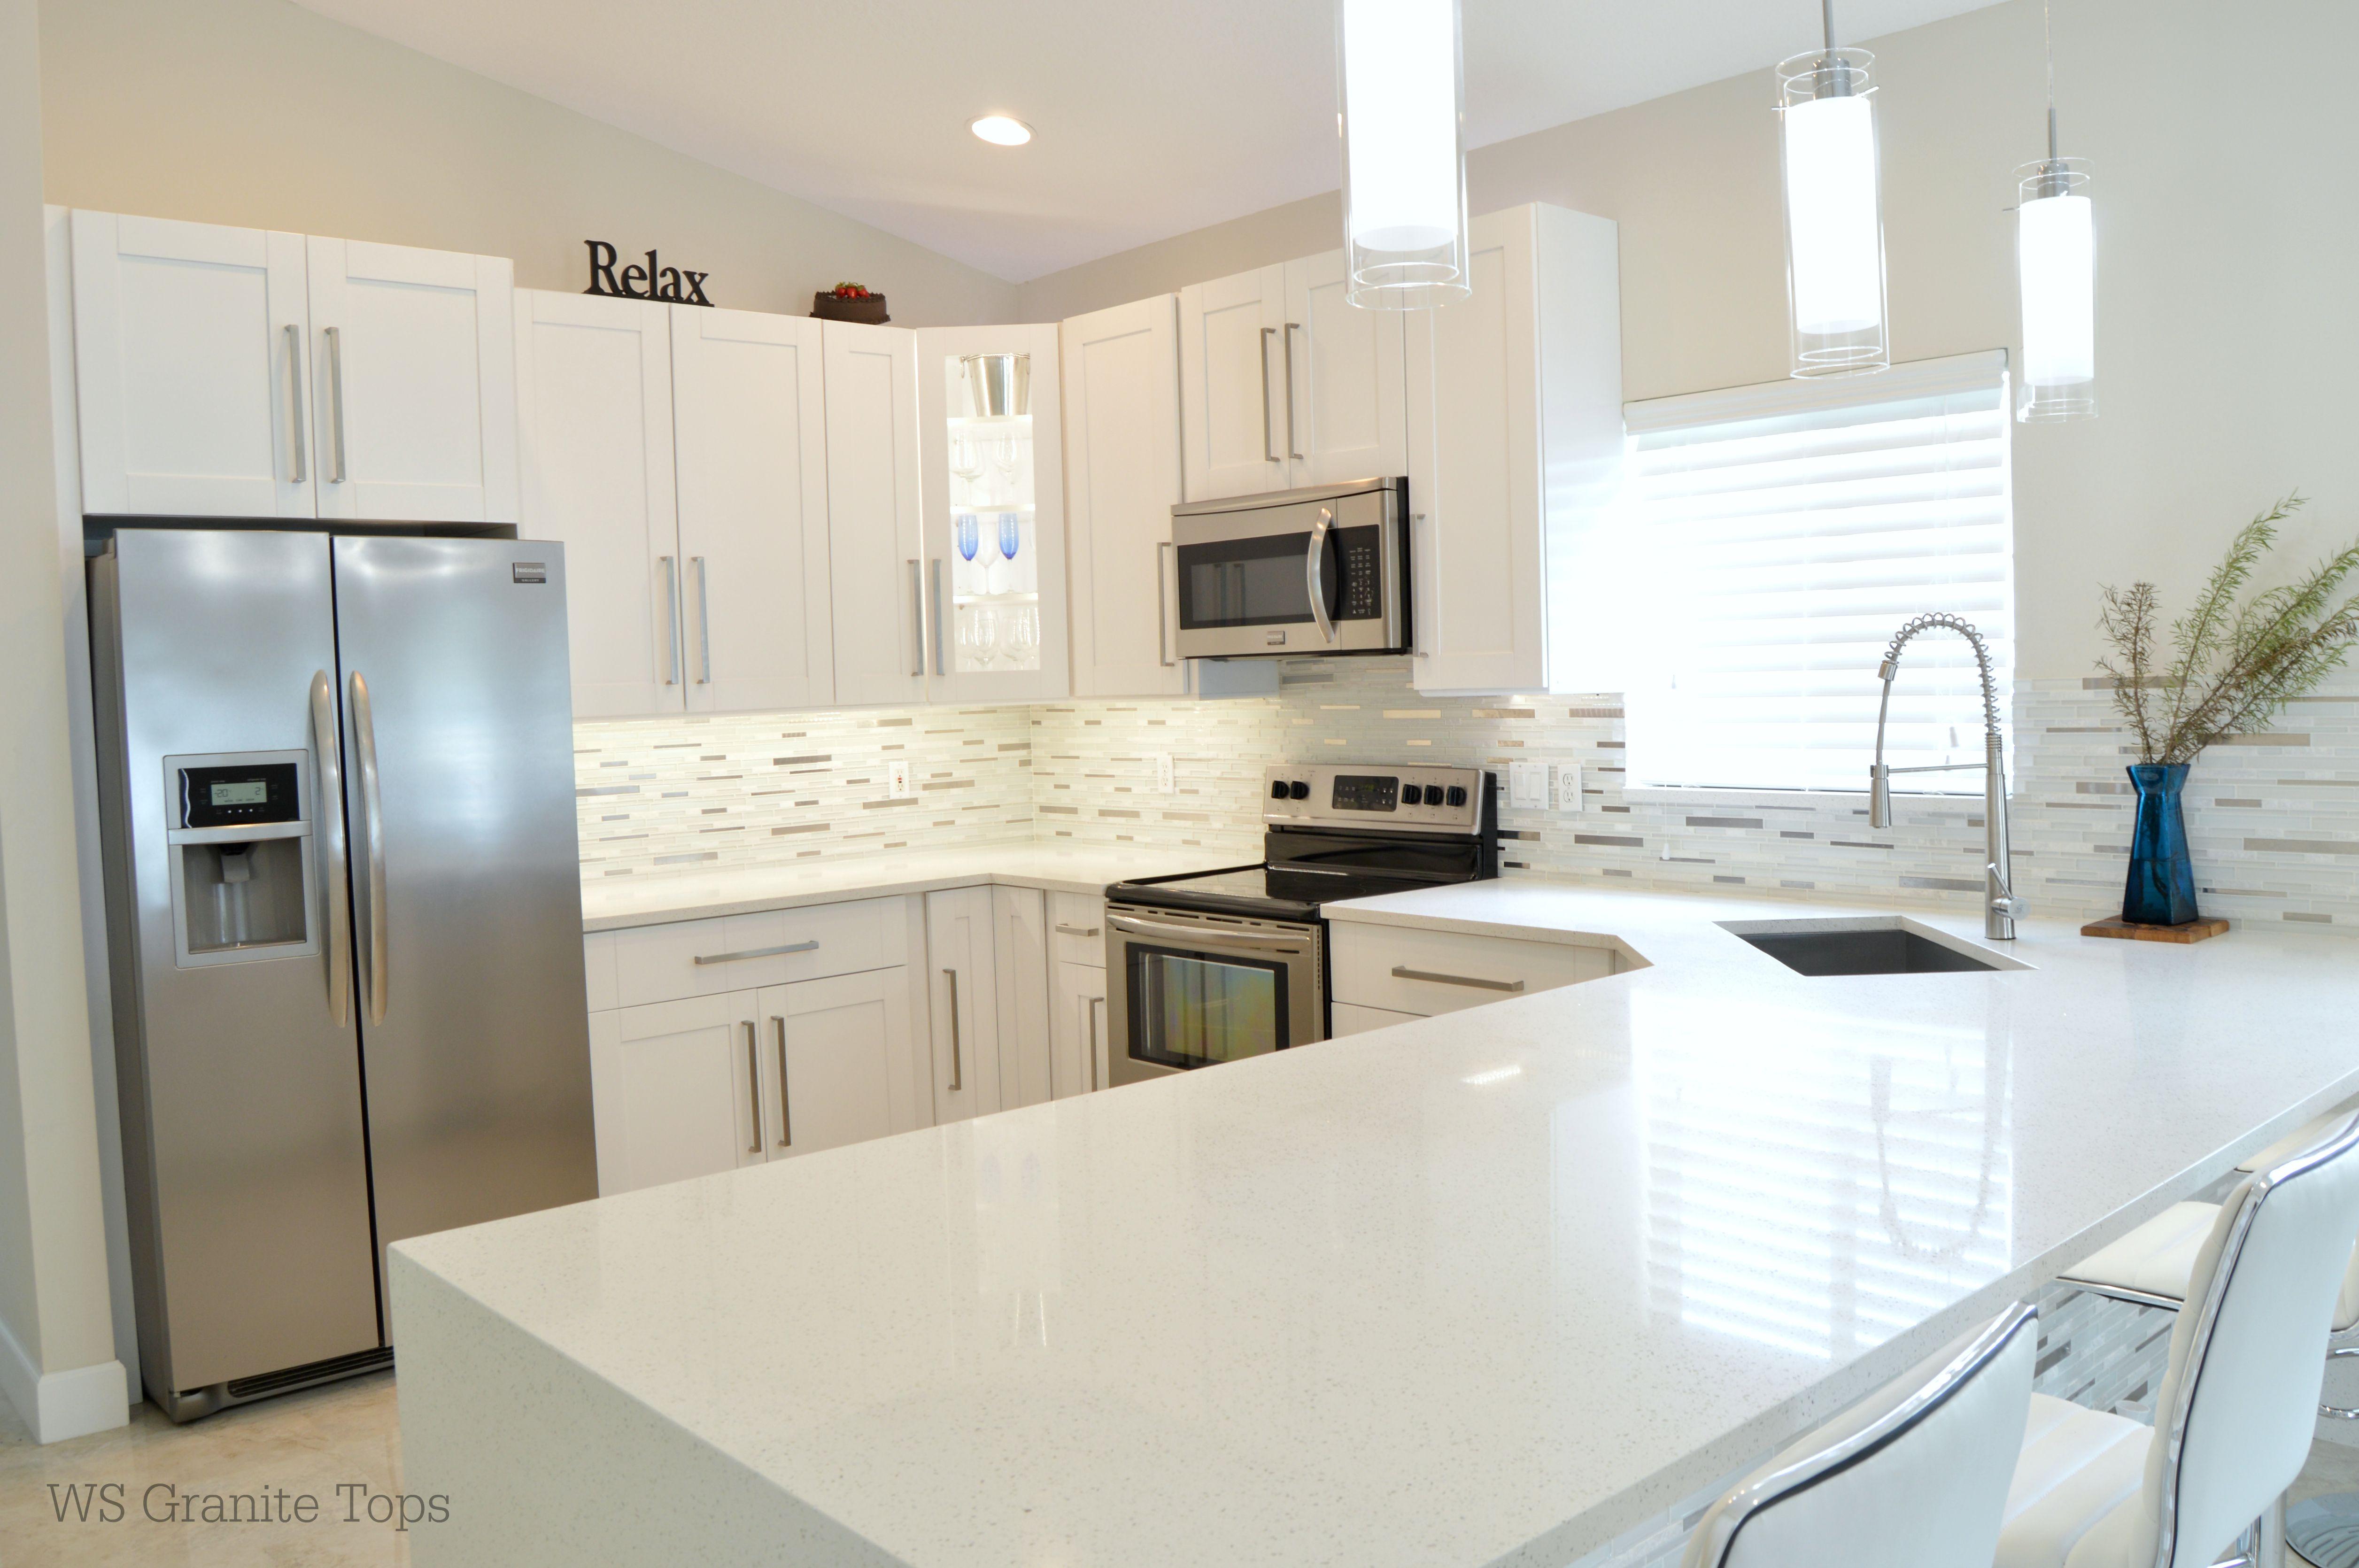 complete kitchen shallow cabinets renovation countertops msi quartz sparkling white 3cm